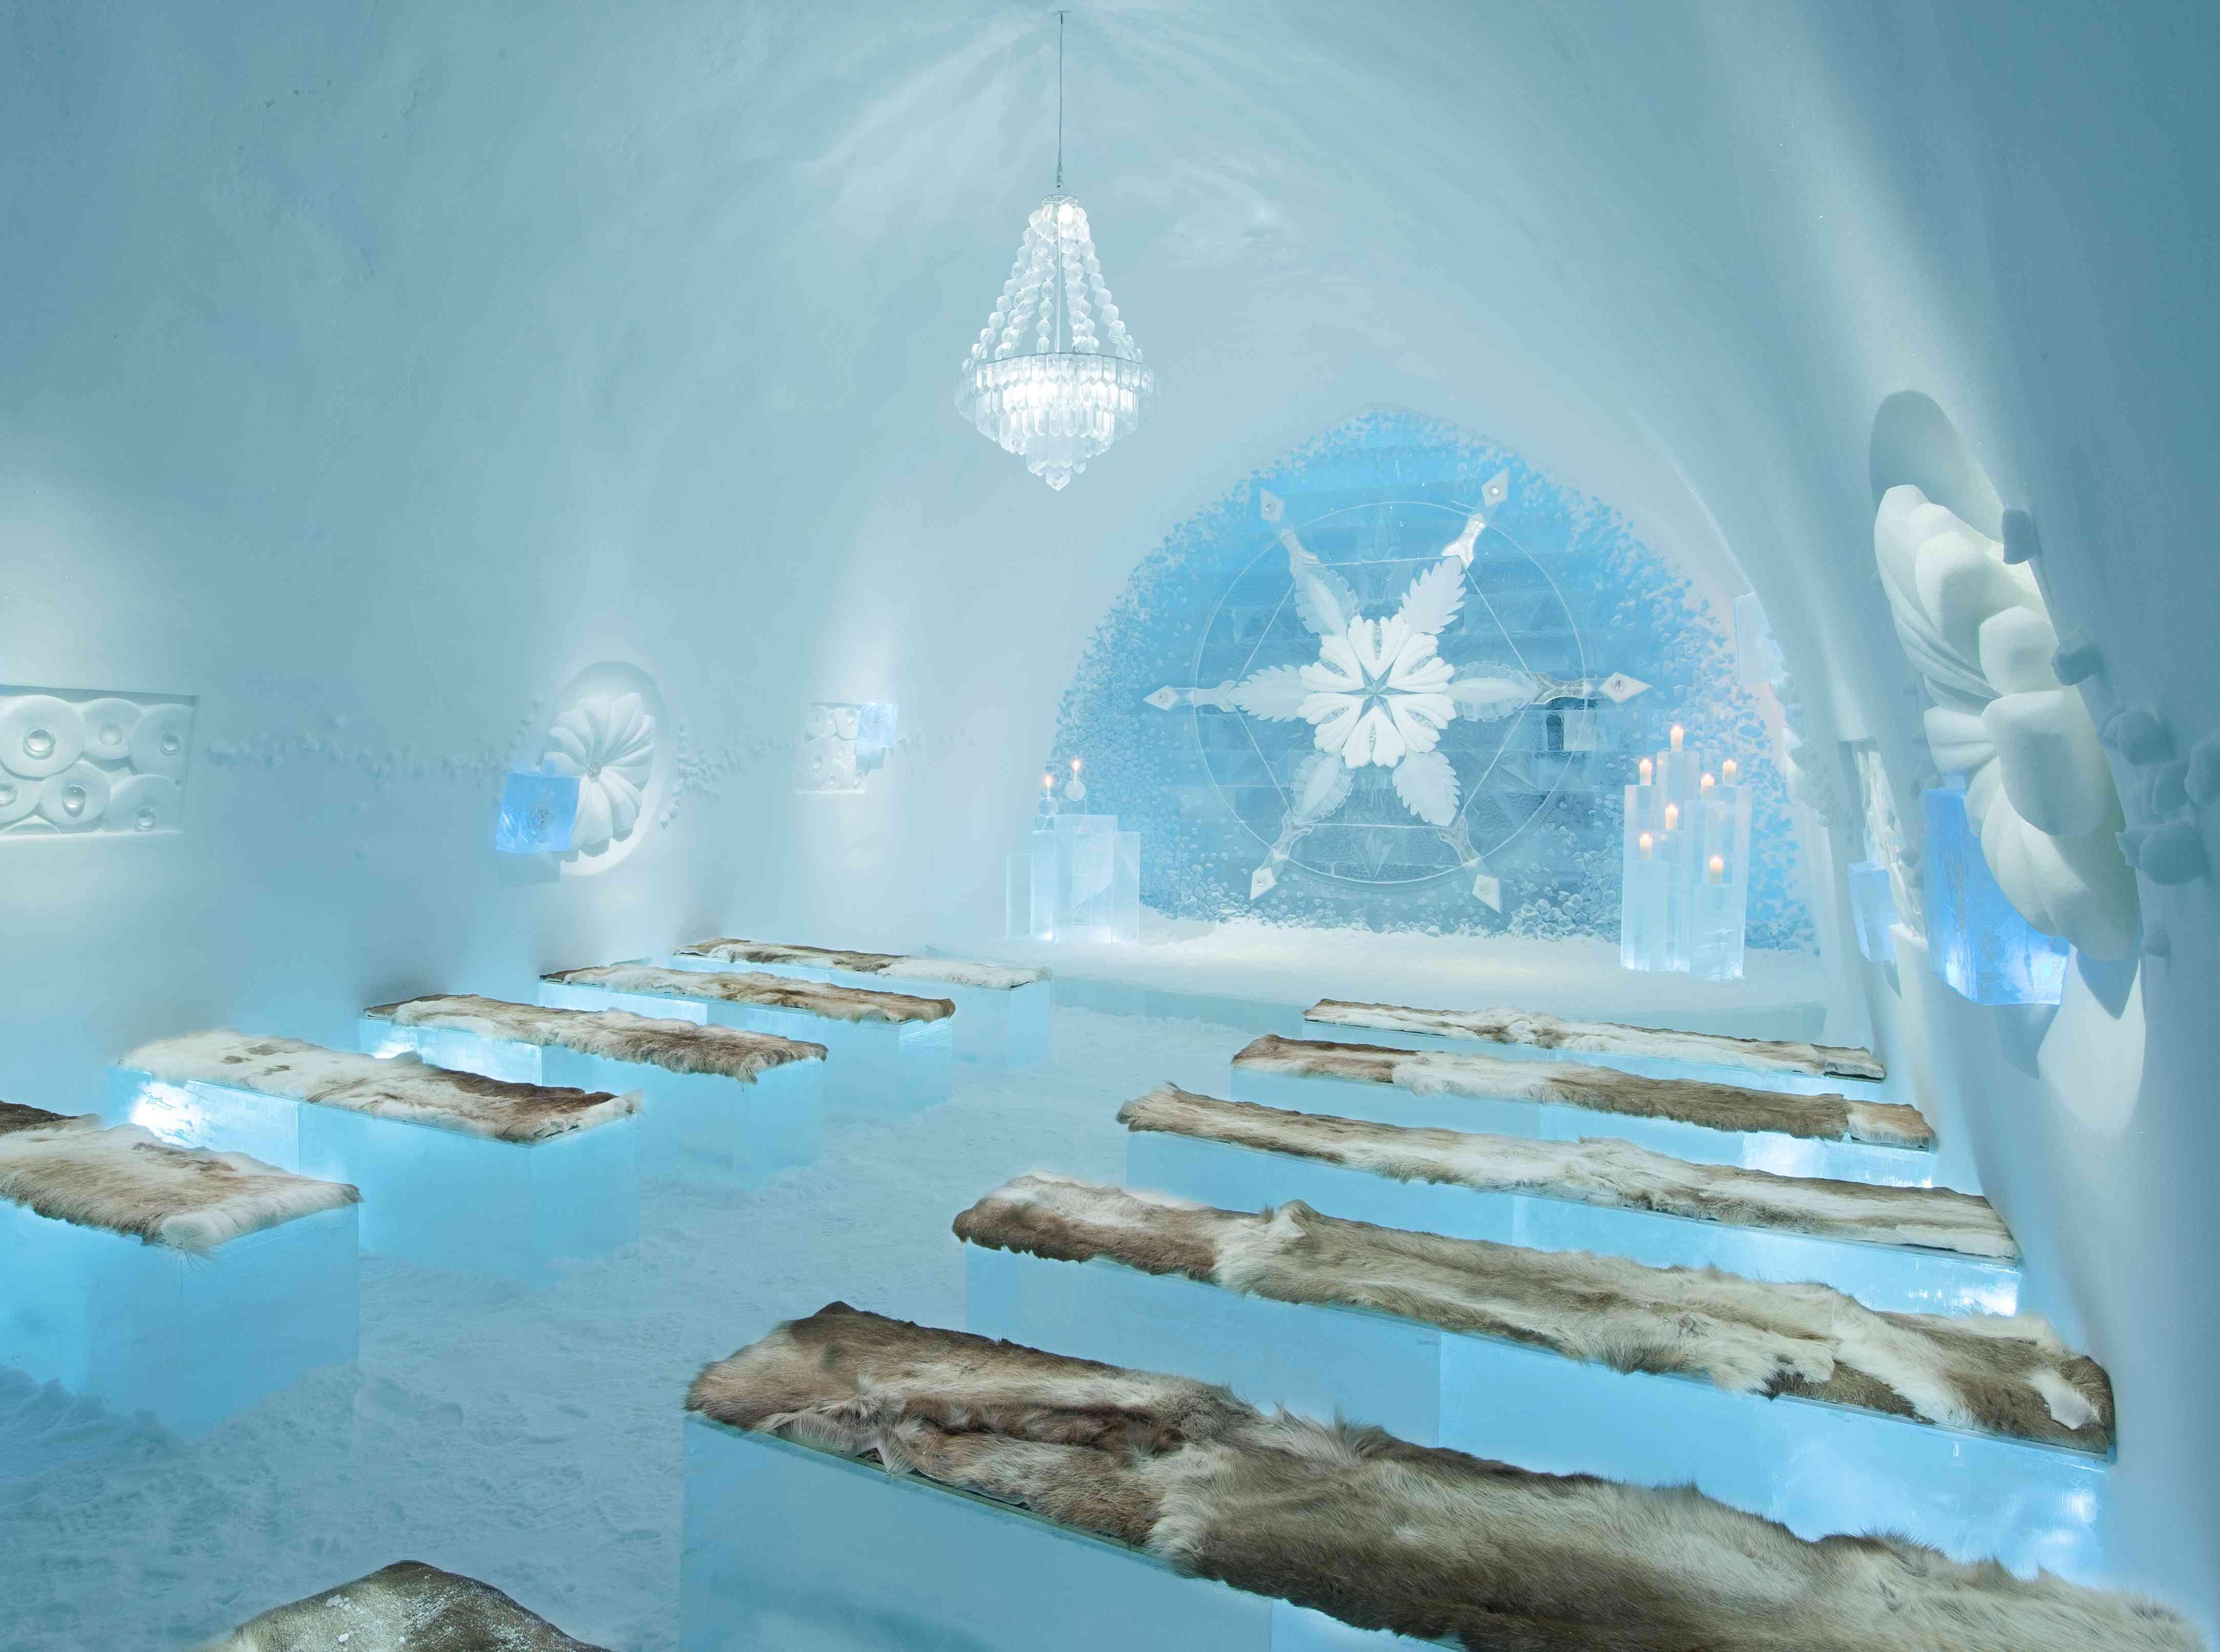 Wedding ceremony setup in IceHotel Sweden